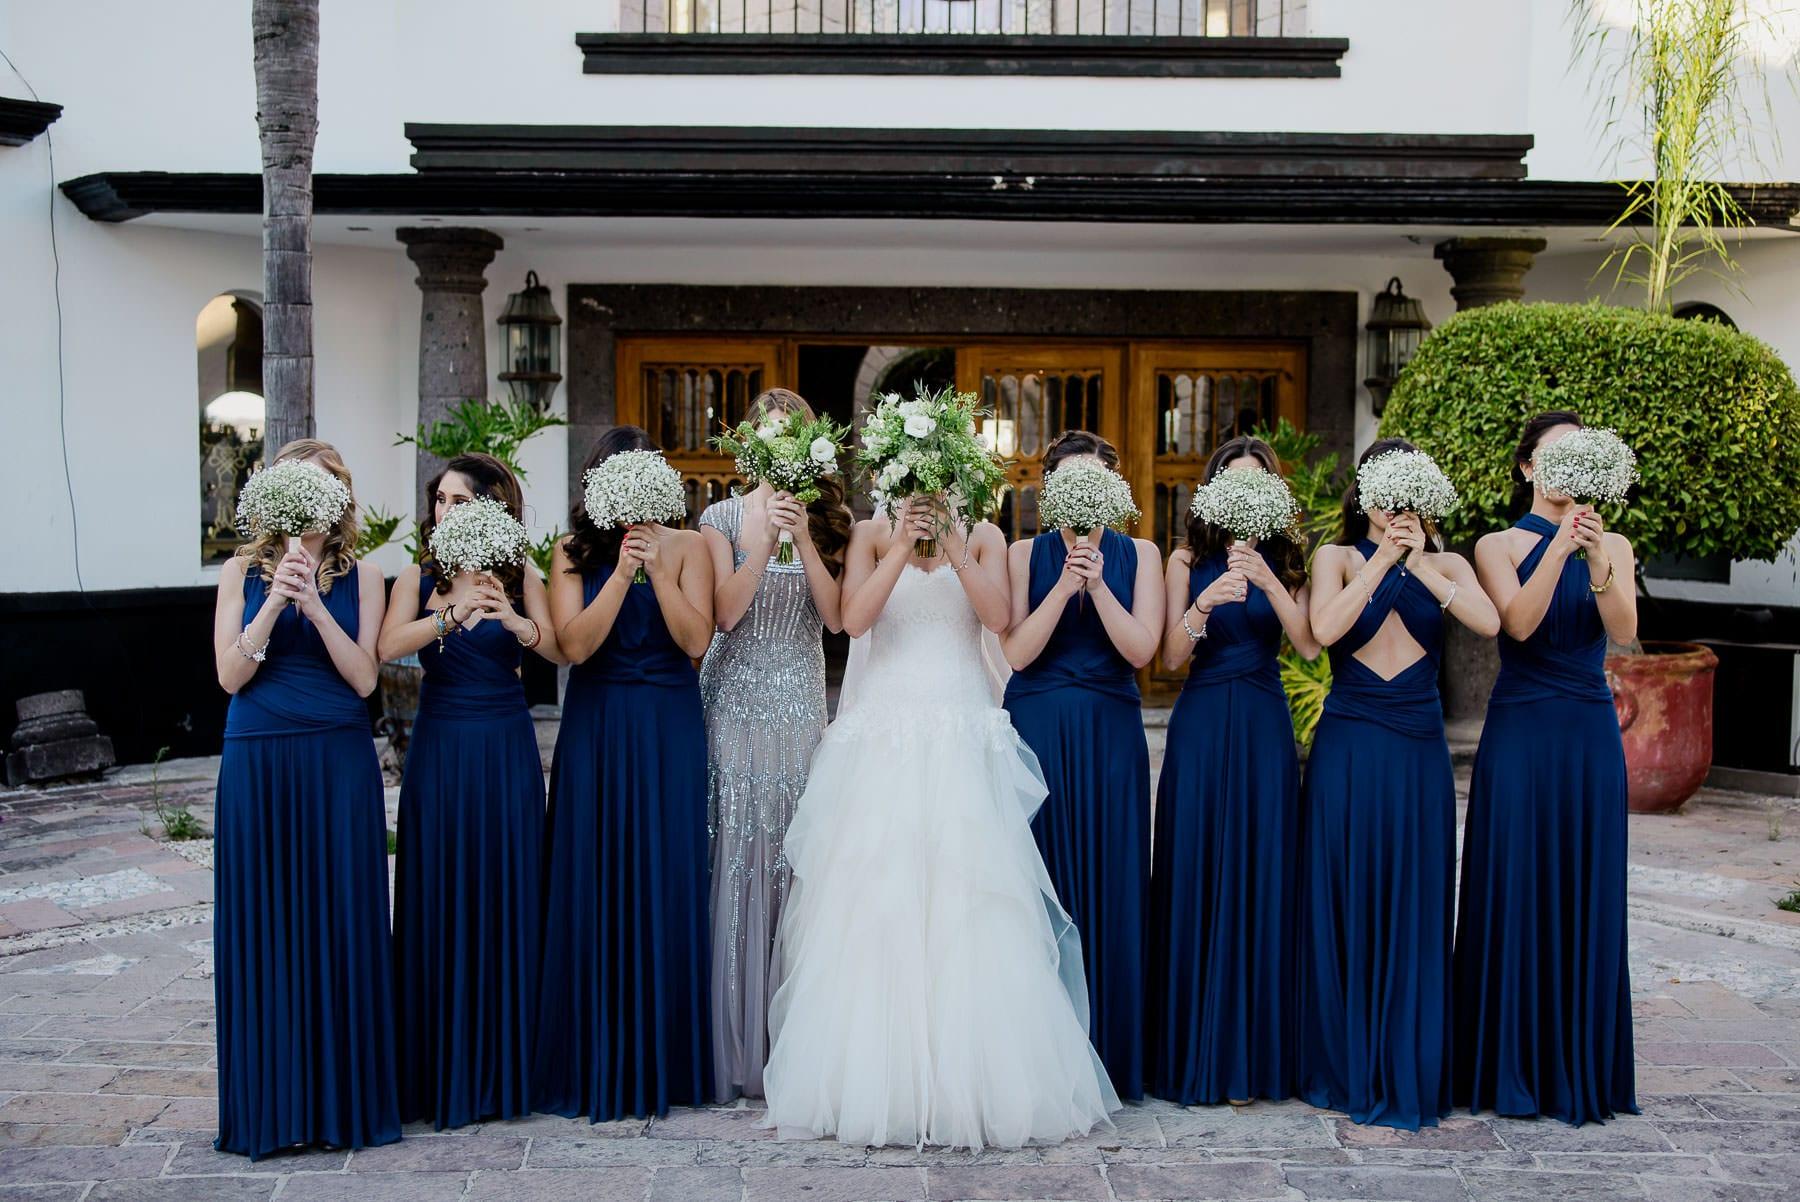 fotografo-de-bodas-en-queretaro-33